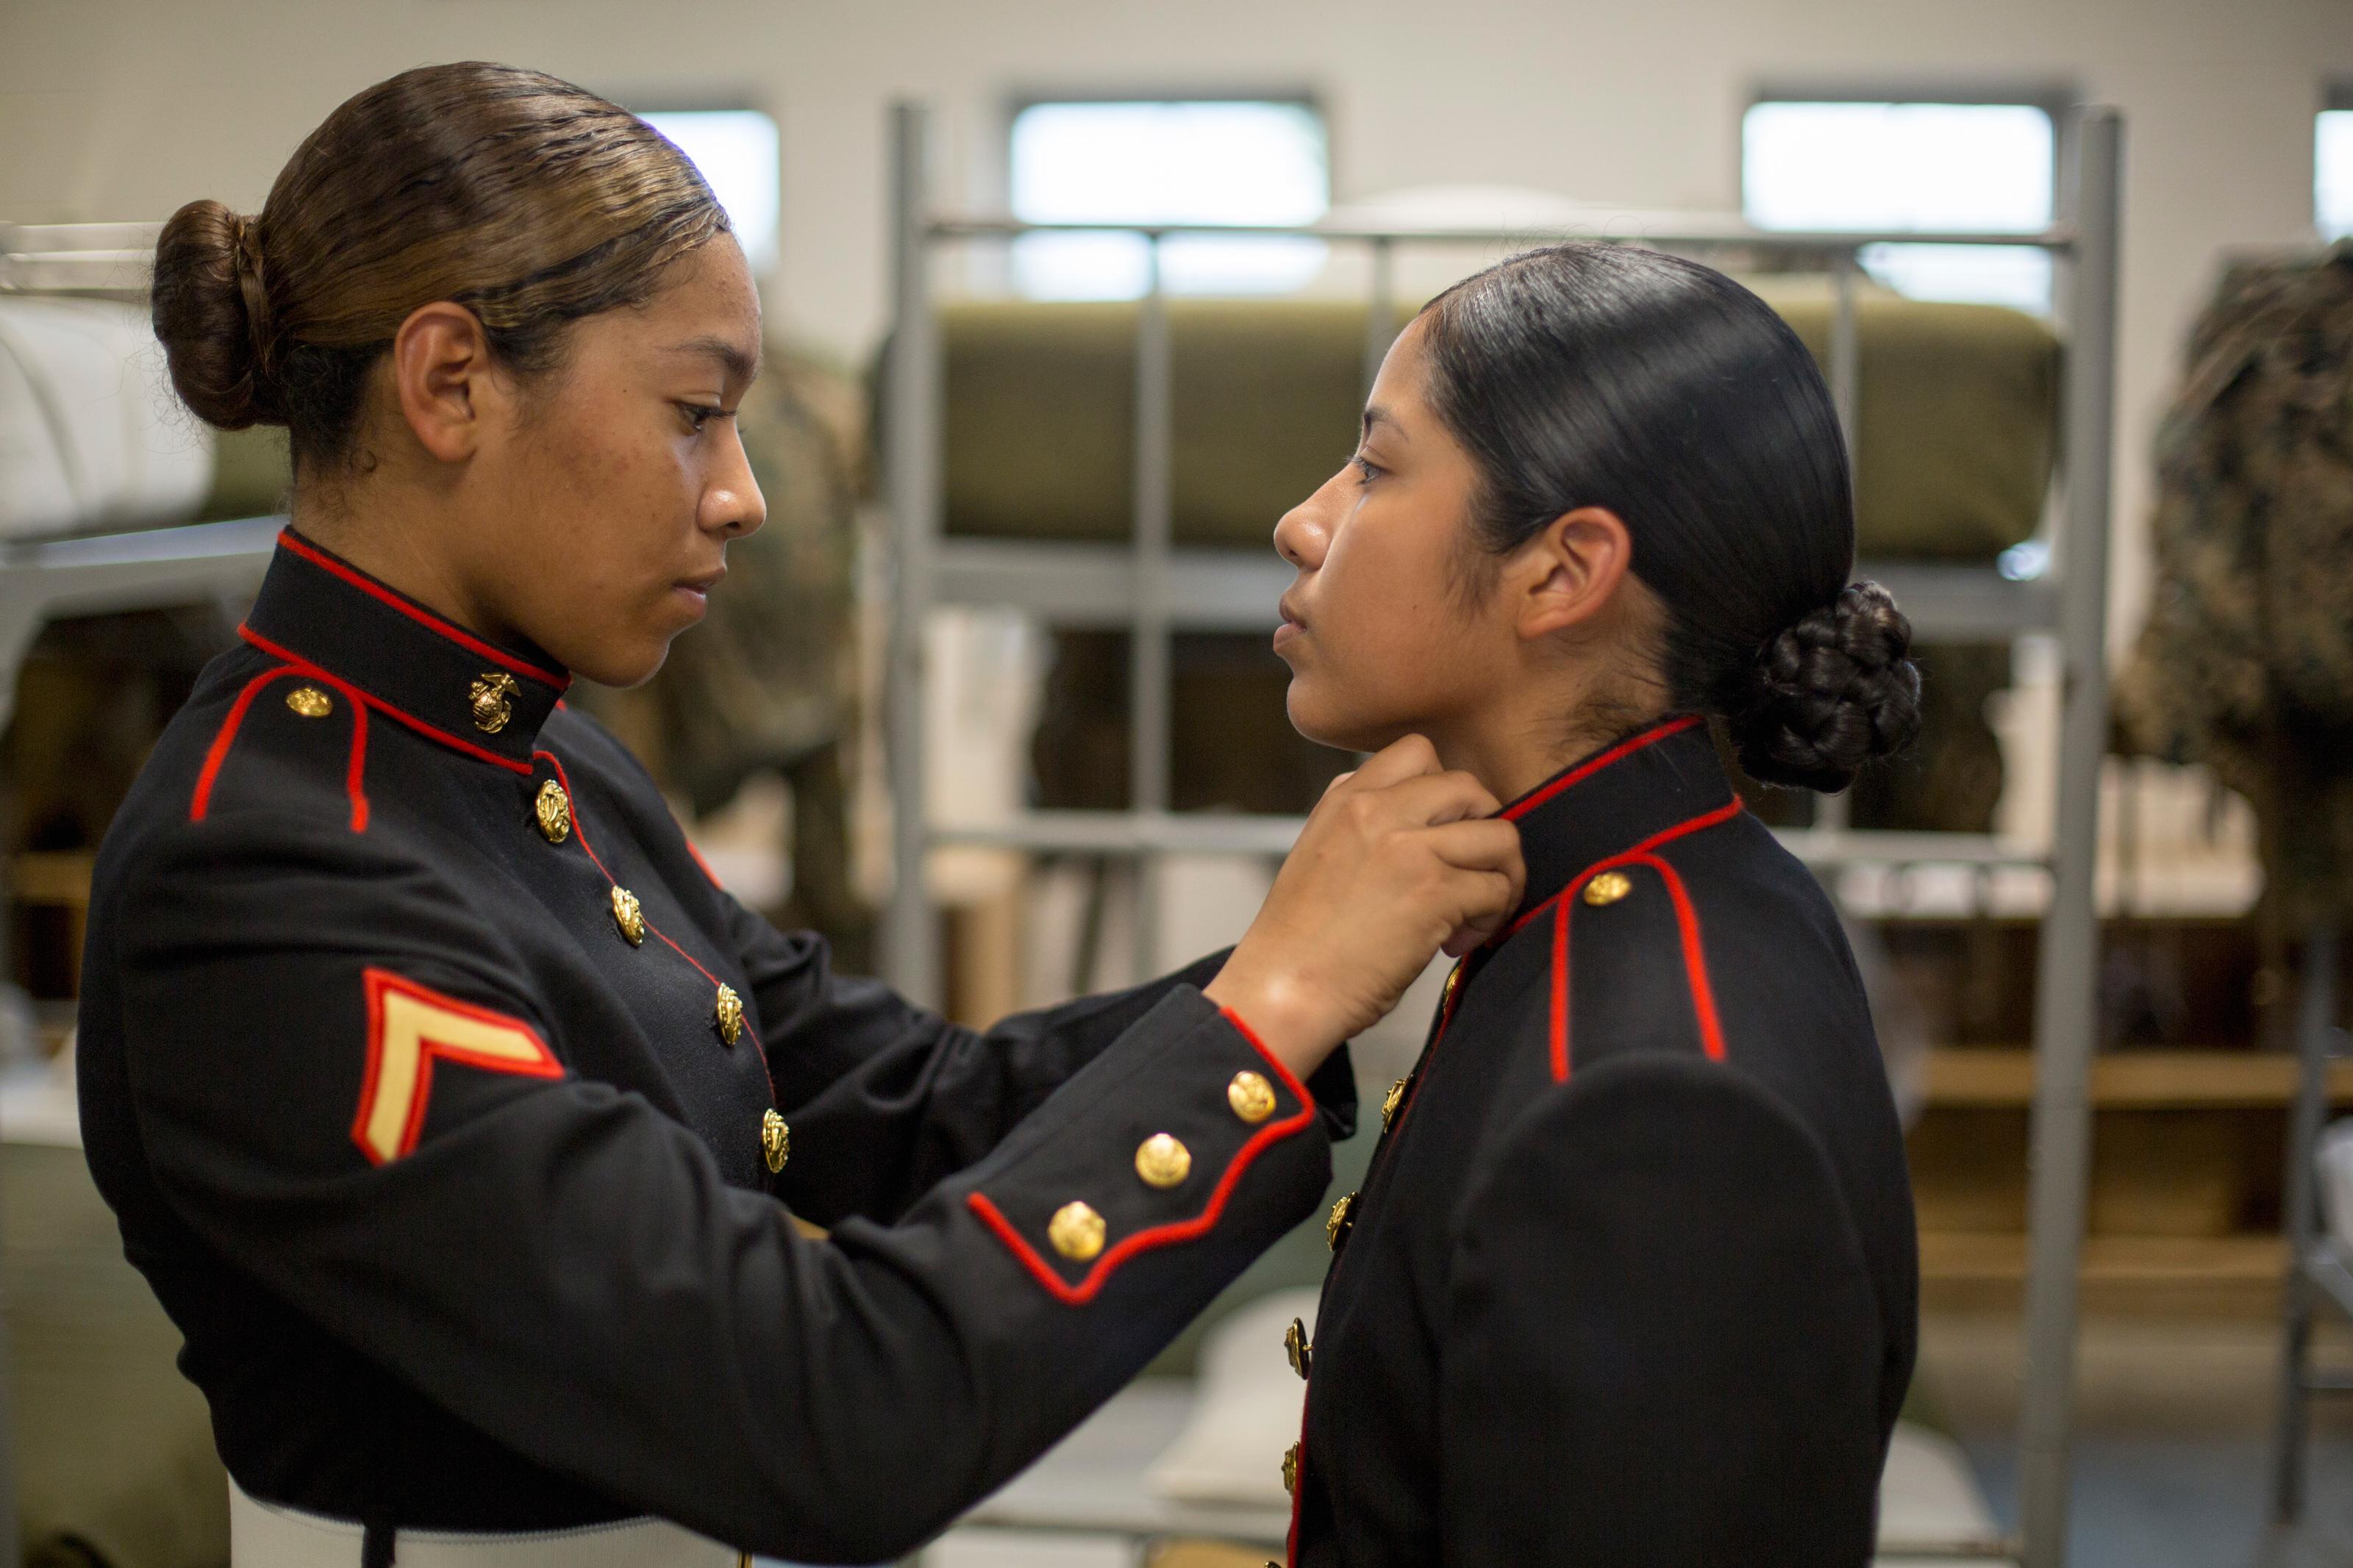 Uniforms marines pictures Dress uniforms